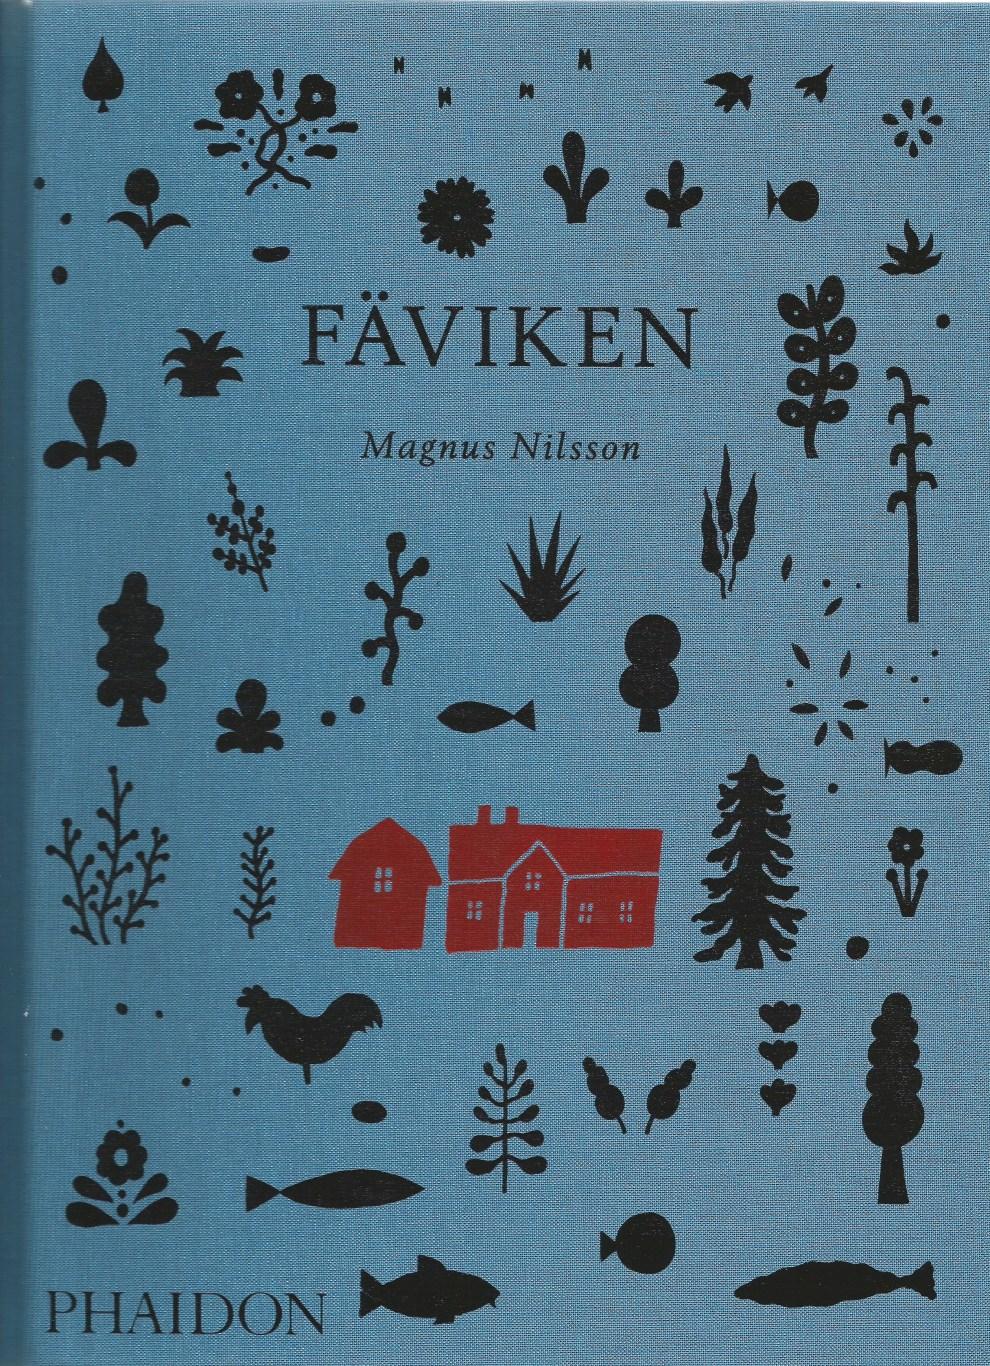 Faviken cover 1